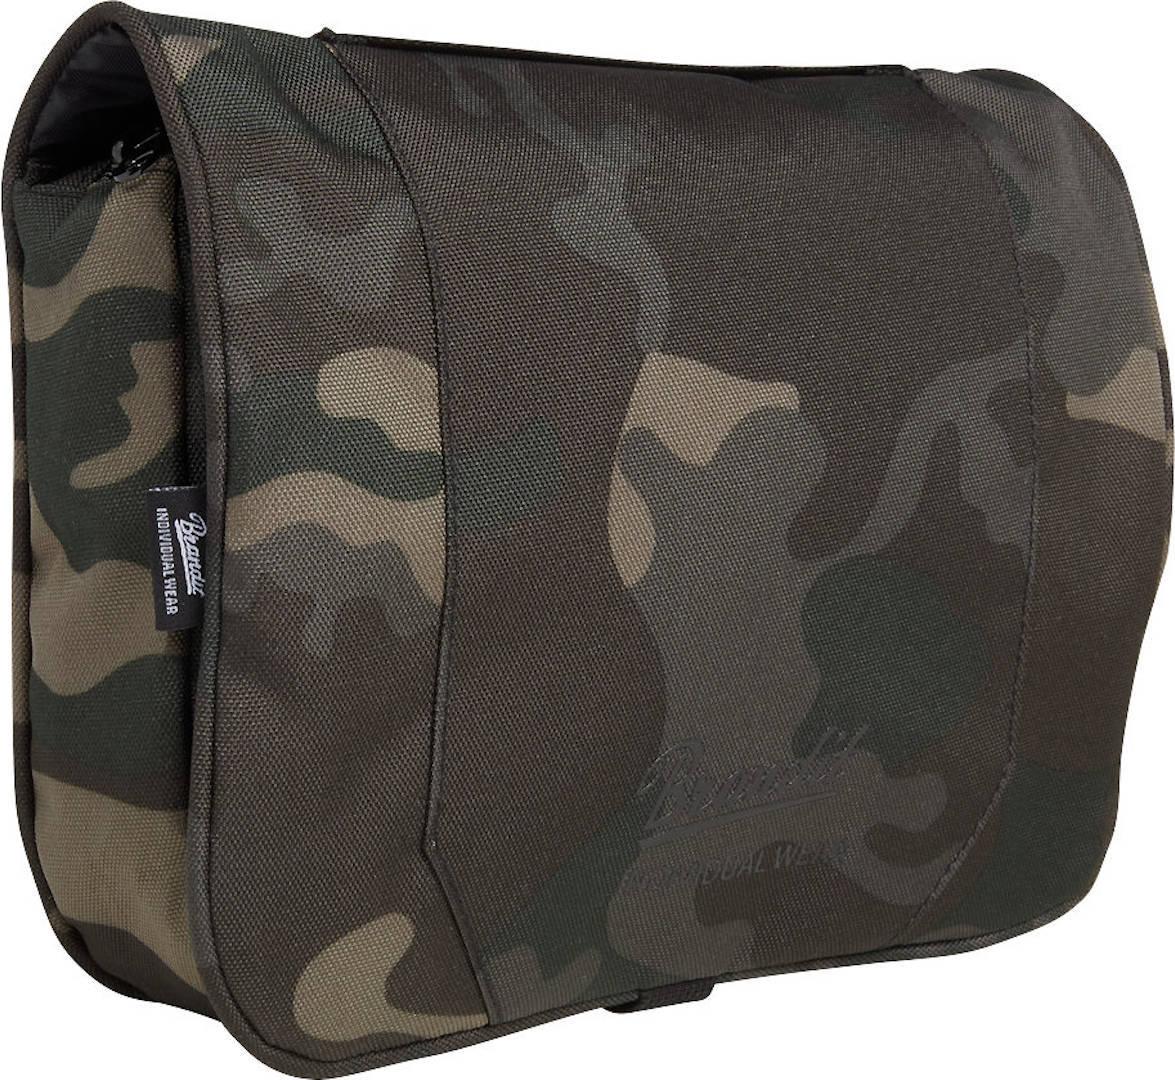 Brandit Large Toiletti laukku  - Musta Harmaa - Size: yksi koko